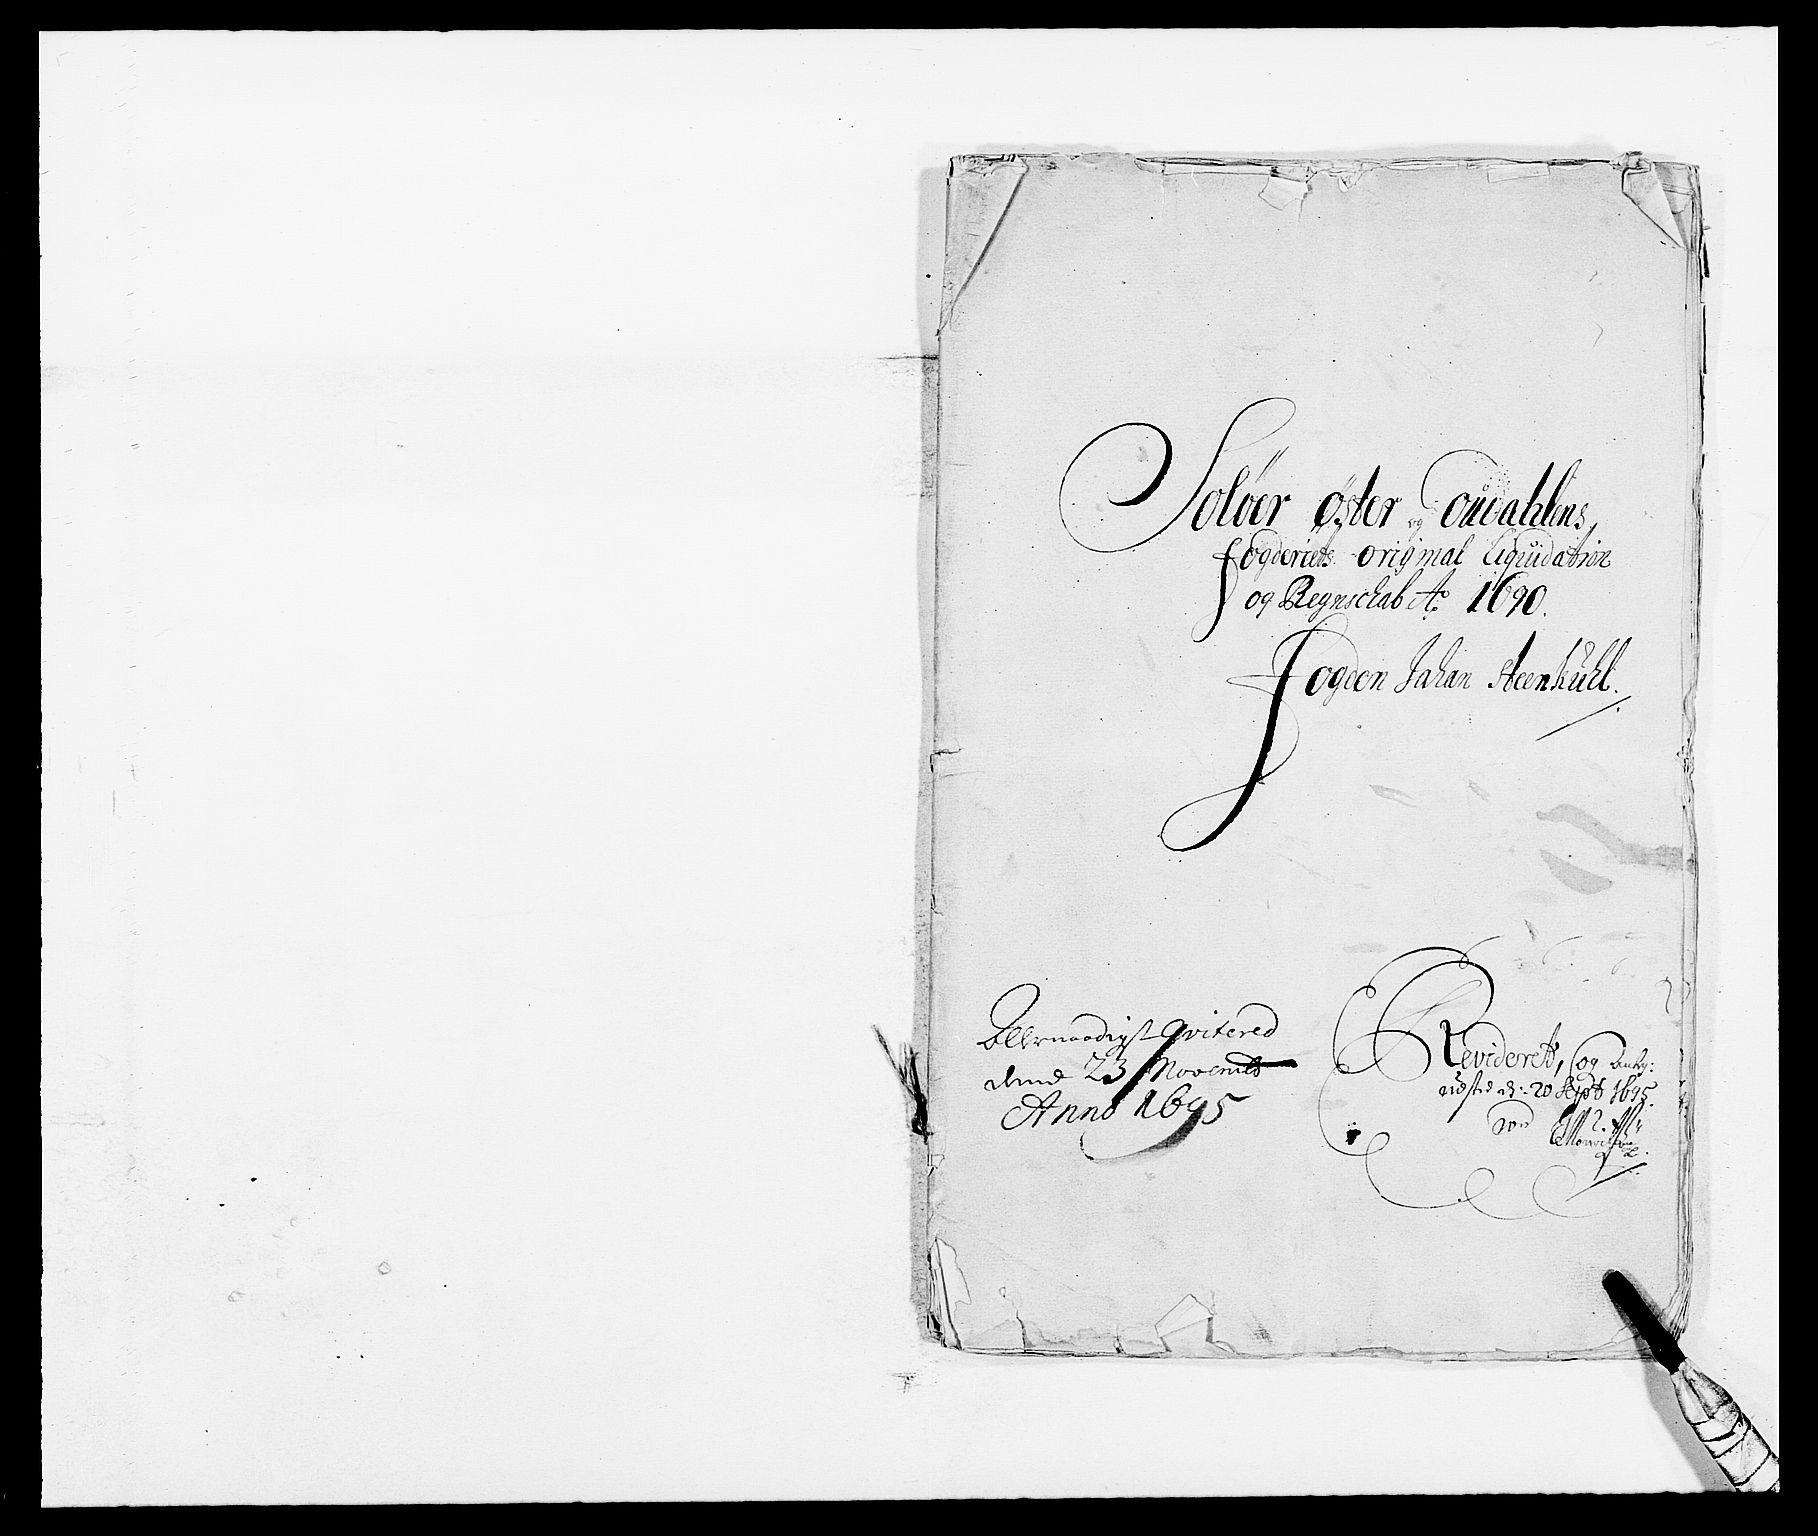 RA, Rentekammeret inntil 1814, Reviderte regnskaper, Fogderegnskap, R13/L0828: Fogderegnskap Solør, Odal og Østerdal, 1690, s. 2